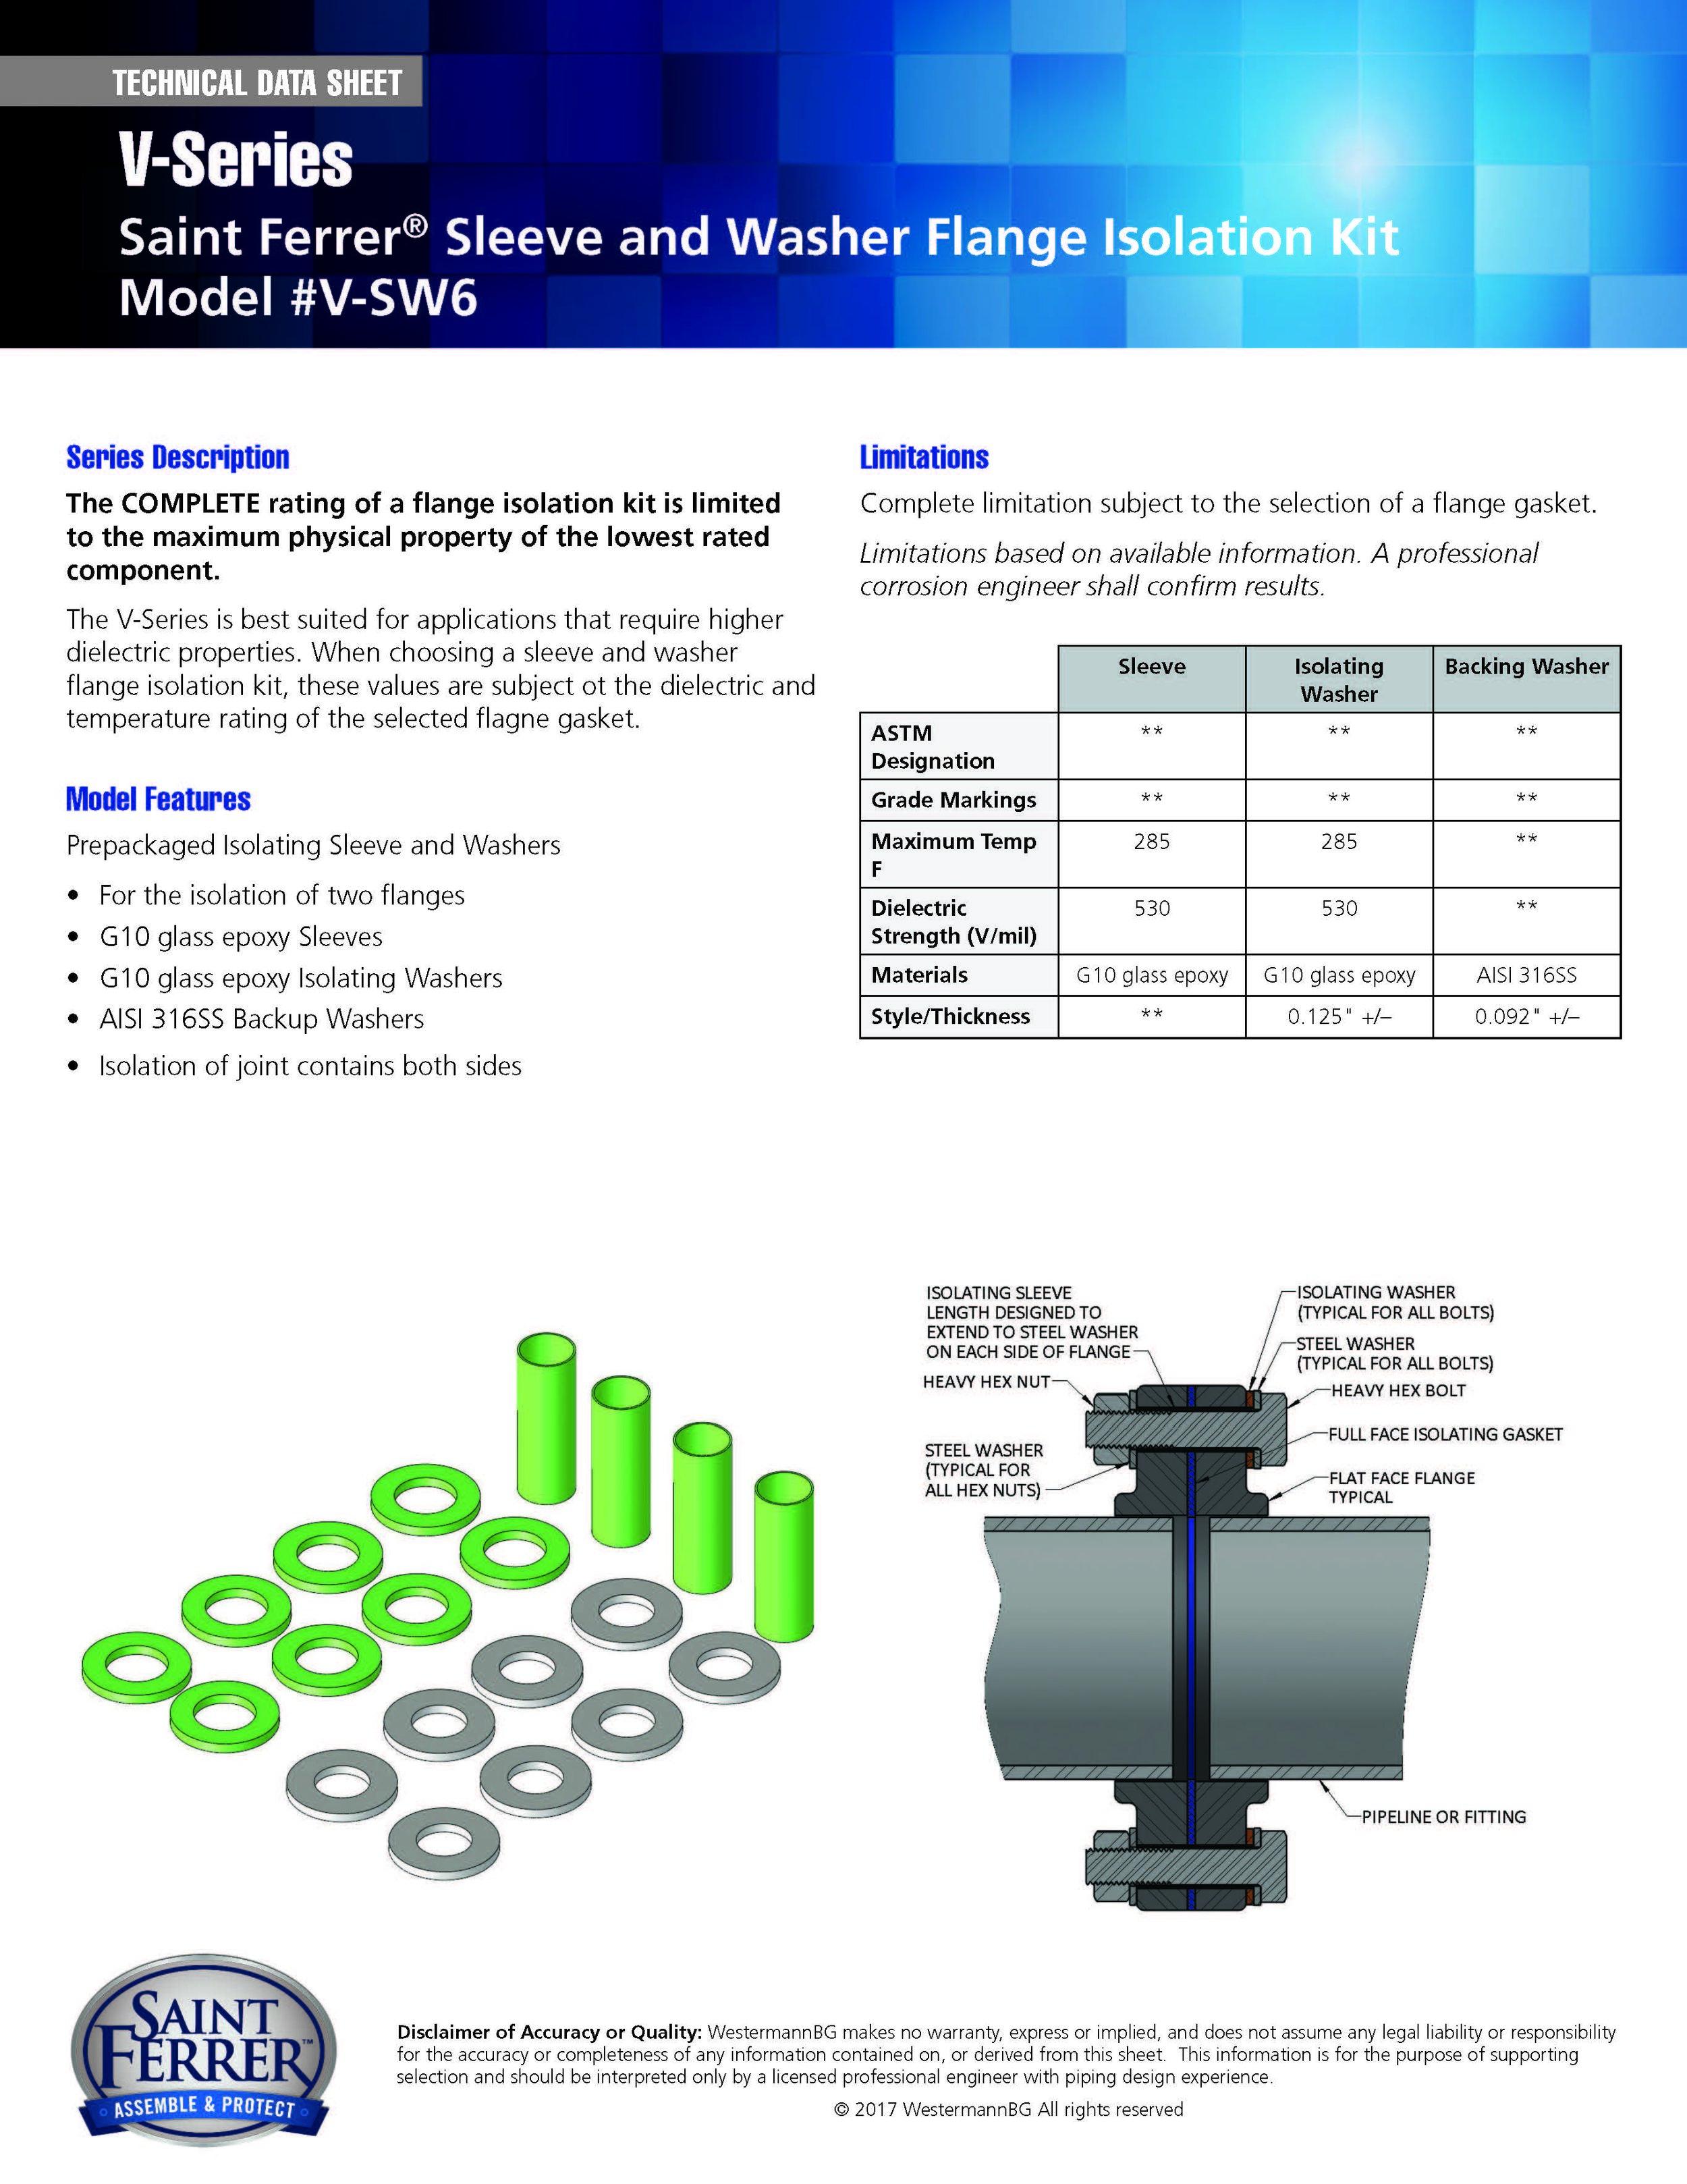 SF_Data_Sheet_V_Series_V-SW6.jpg